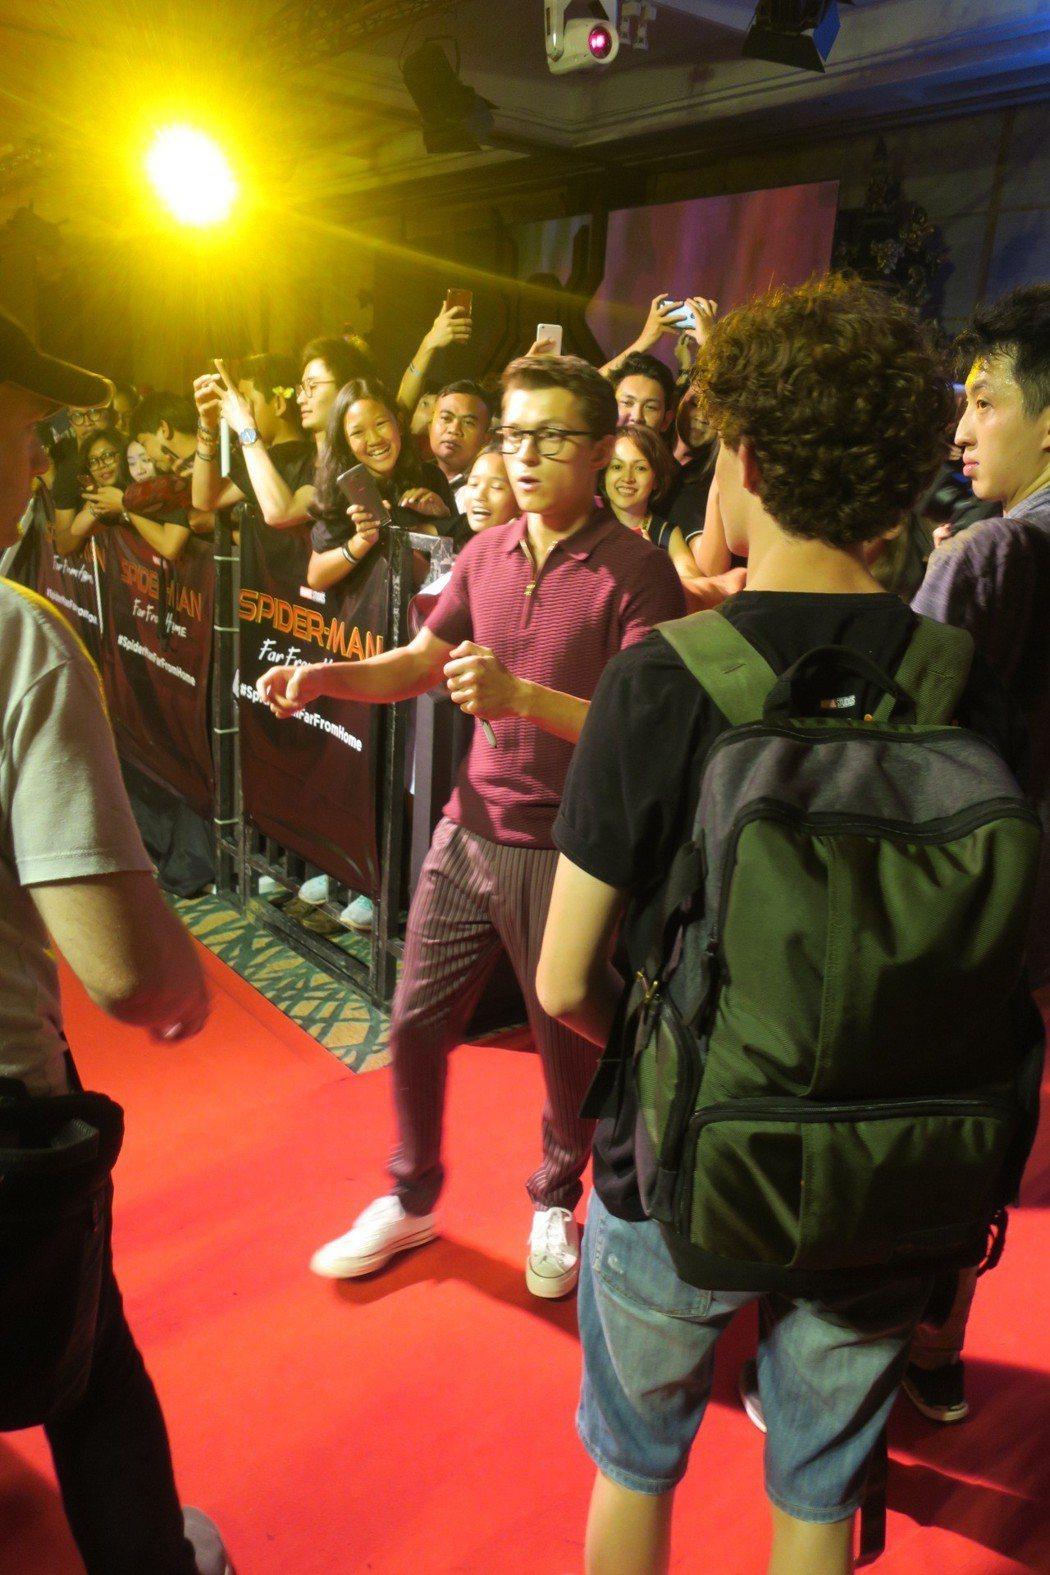 湯姆霍蘭德出席峇里島粉絲見面會,成為全場焦點。記者蘇詠智/攝影